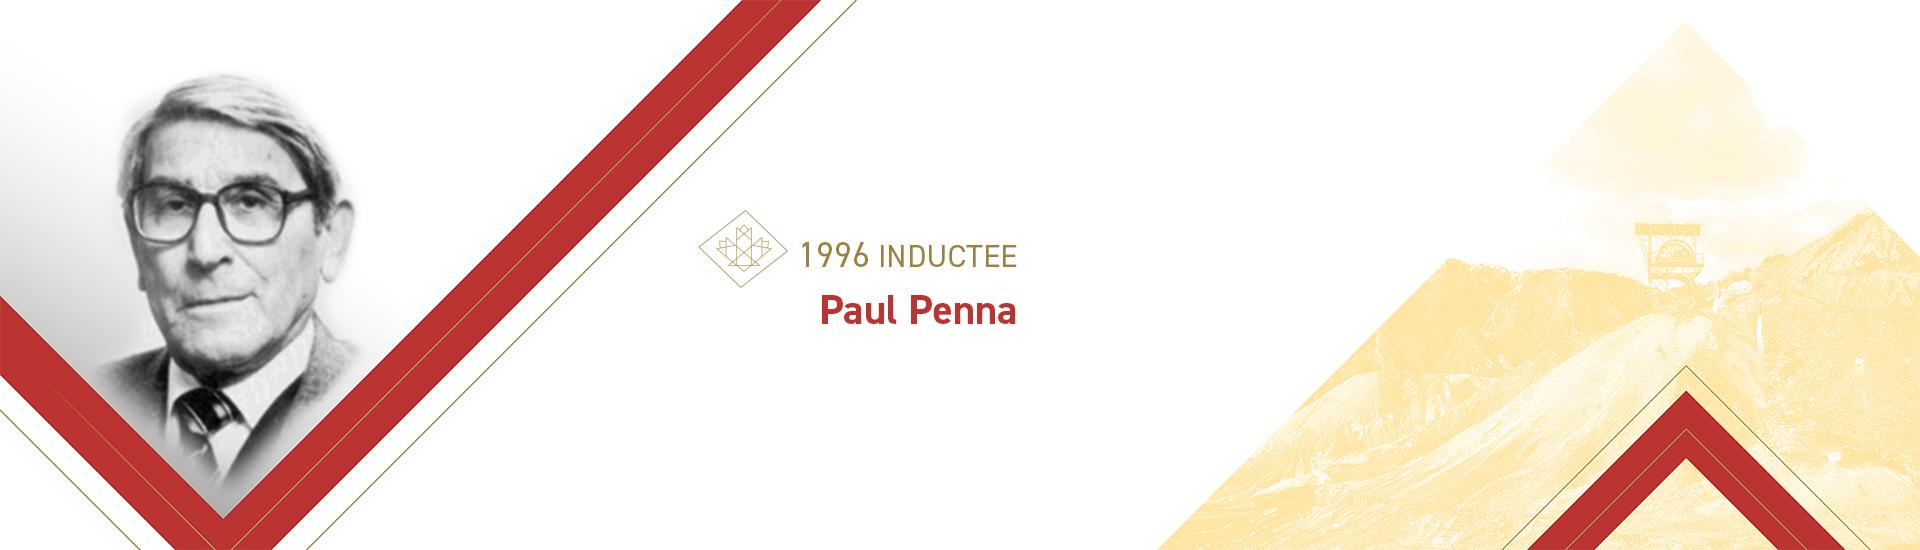 Paul Penna (1922 – 1996)